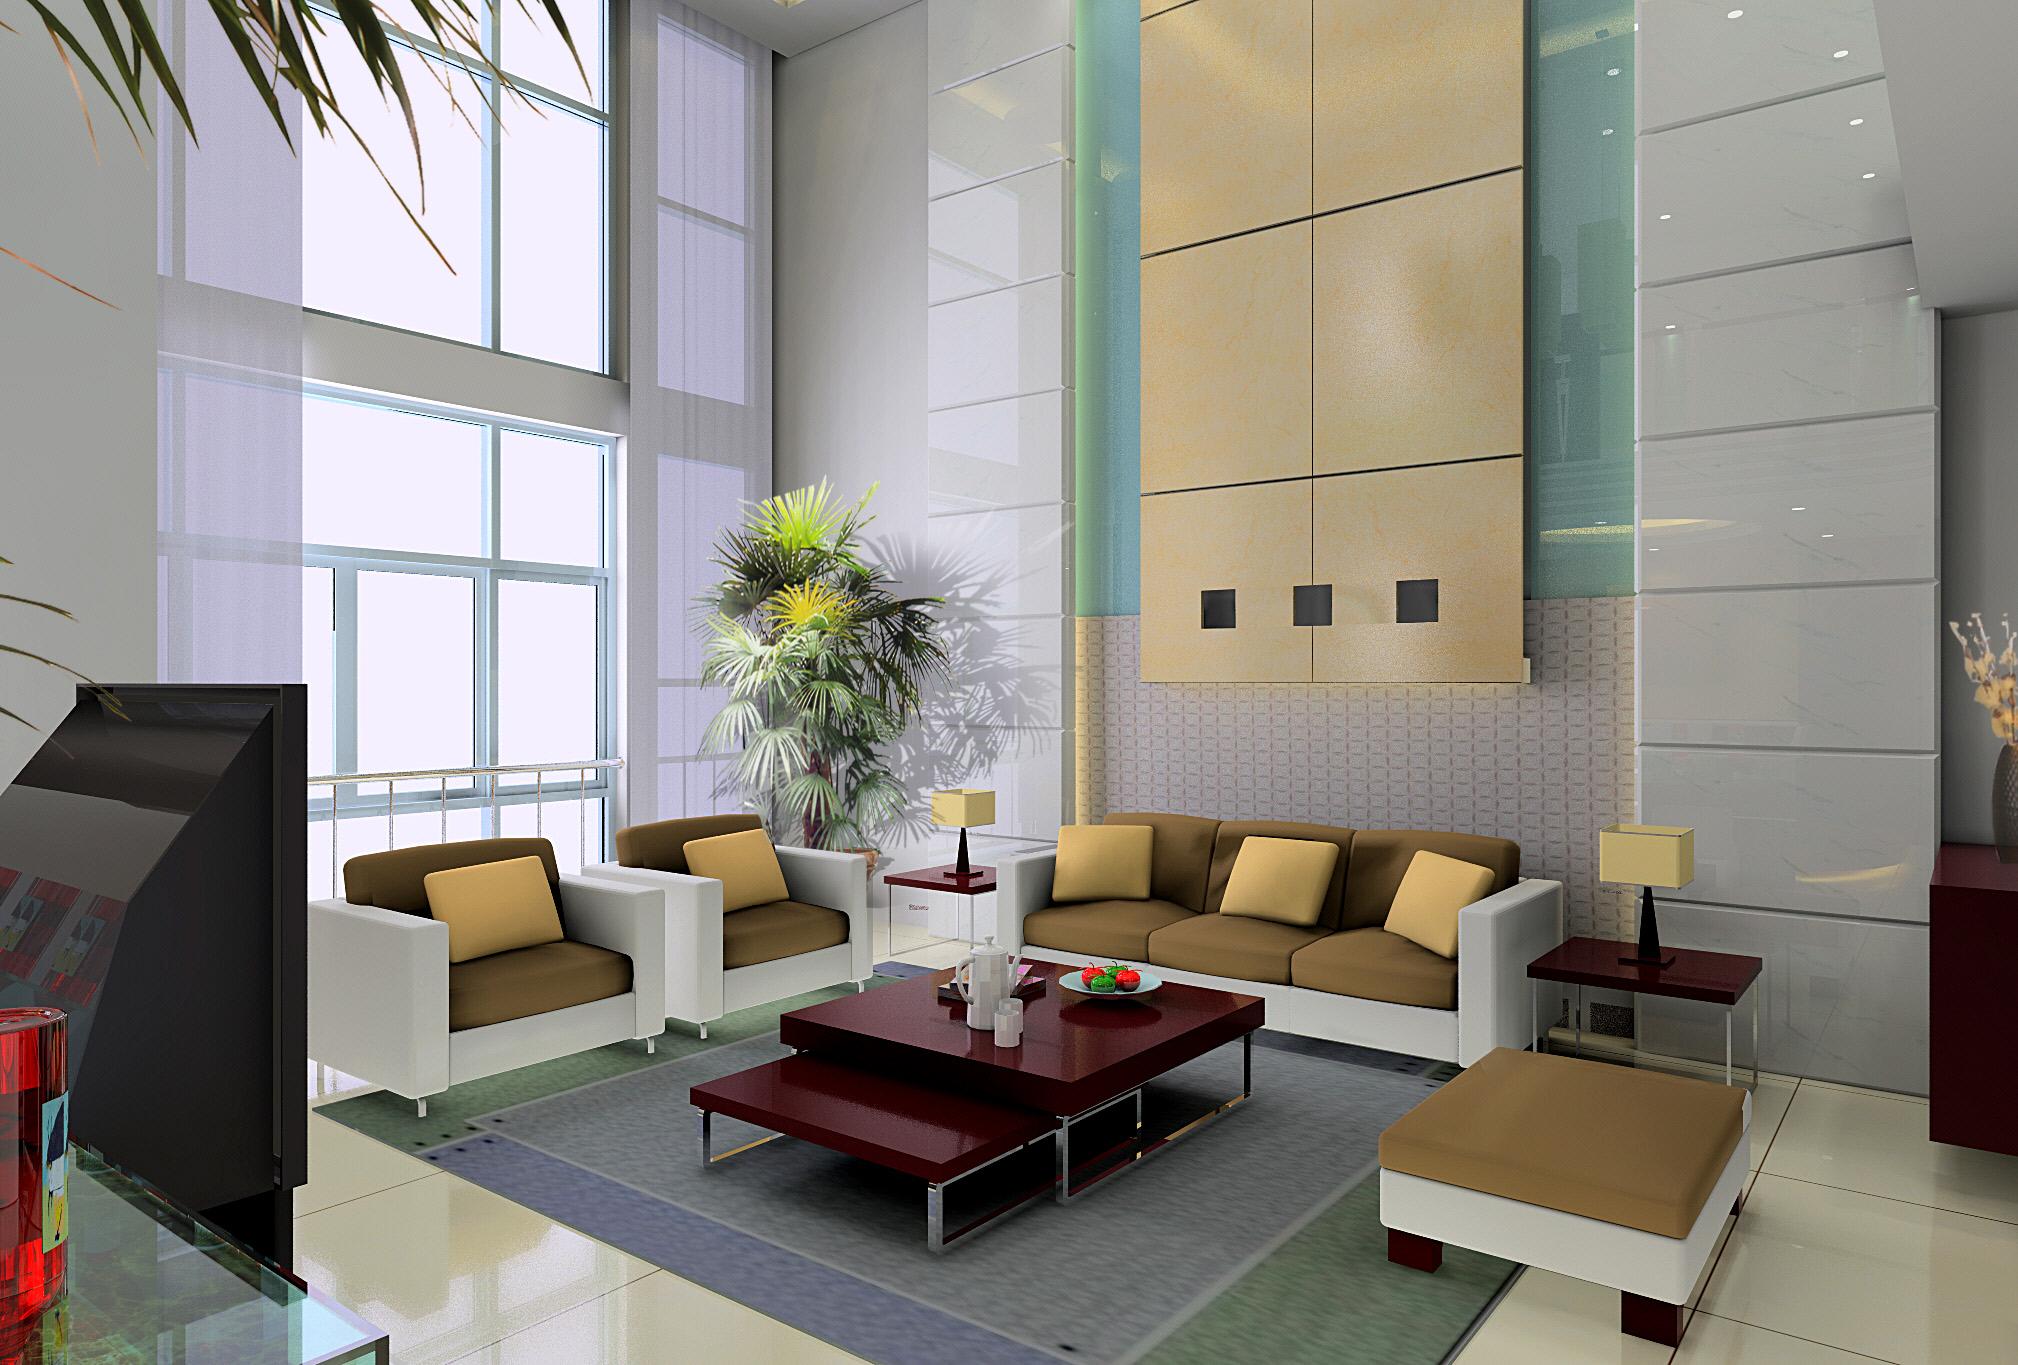 如何是客厅最佳效果图片现代客厅装修图片